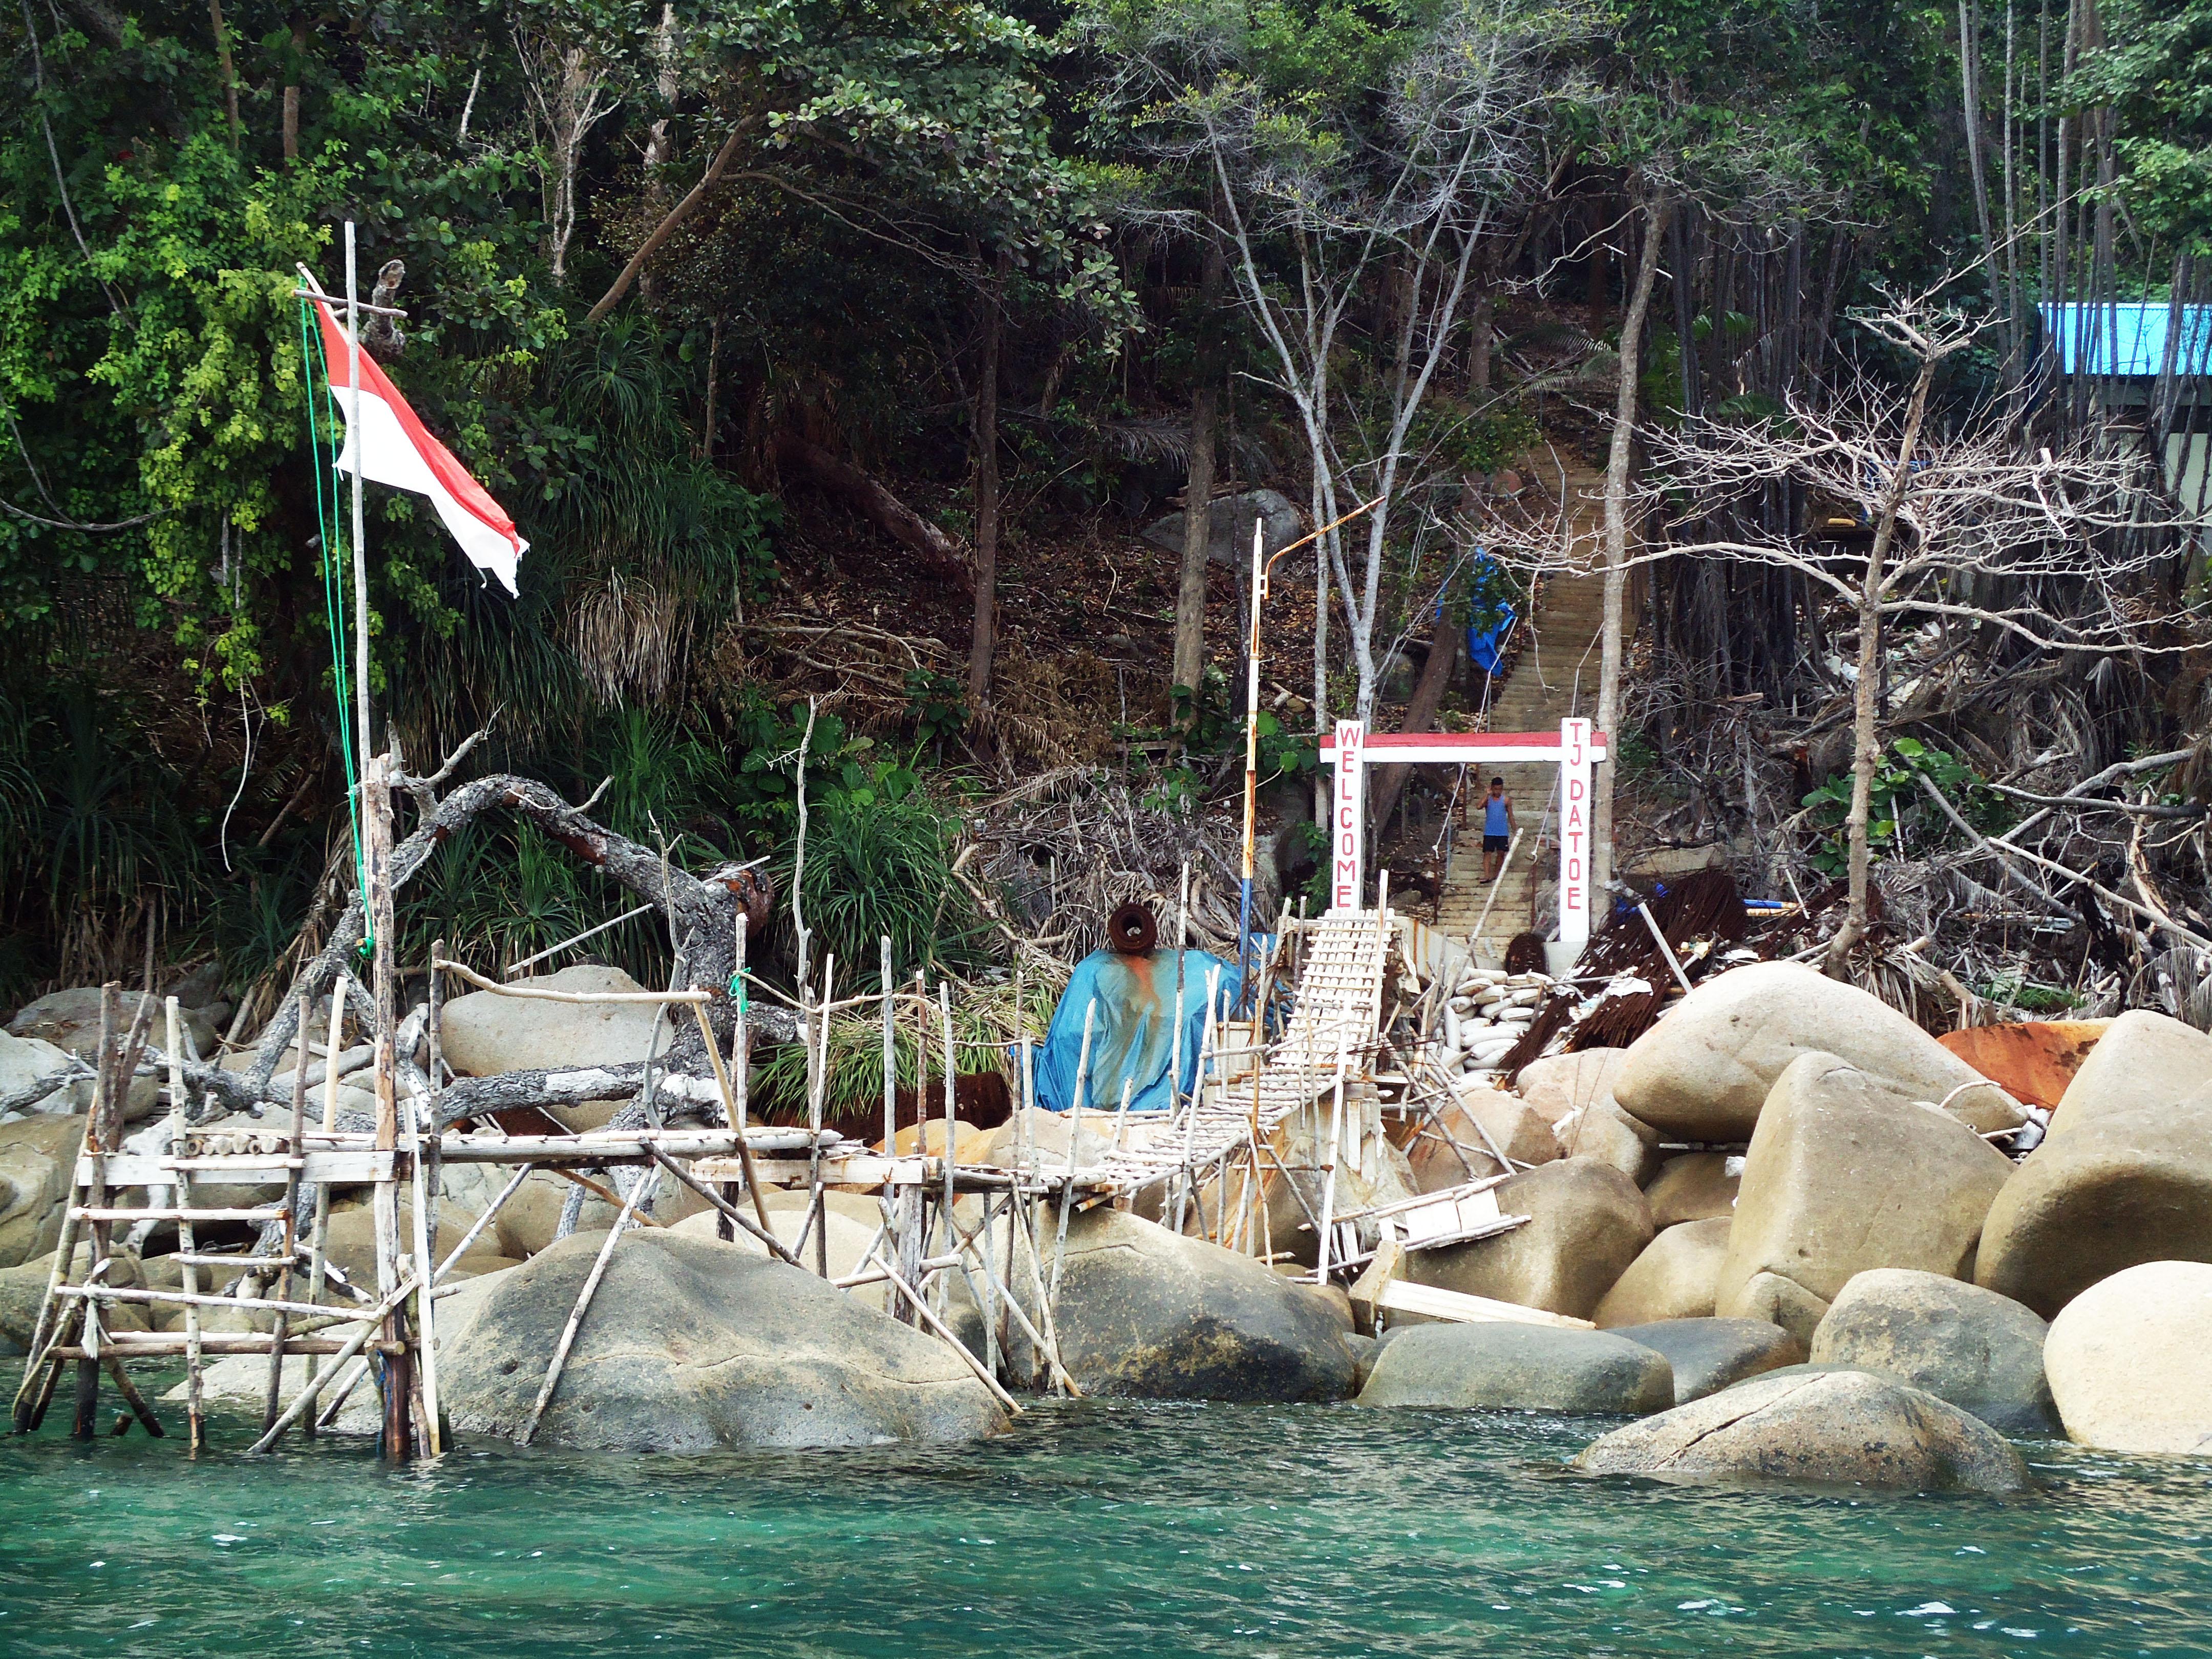 Dermaga Tanjung Datu yang memegang peran penting dalam membuka akses dari mercusuar darat ke kampung terdekat, Desa Temajuk (c) Iftitah Sari/ Dokumentasi Tim KKN UGM KTB-01 2014